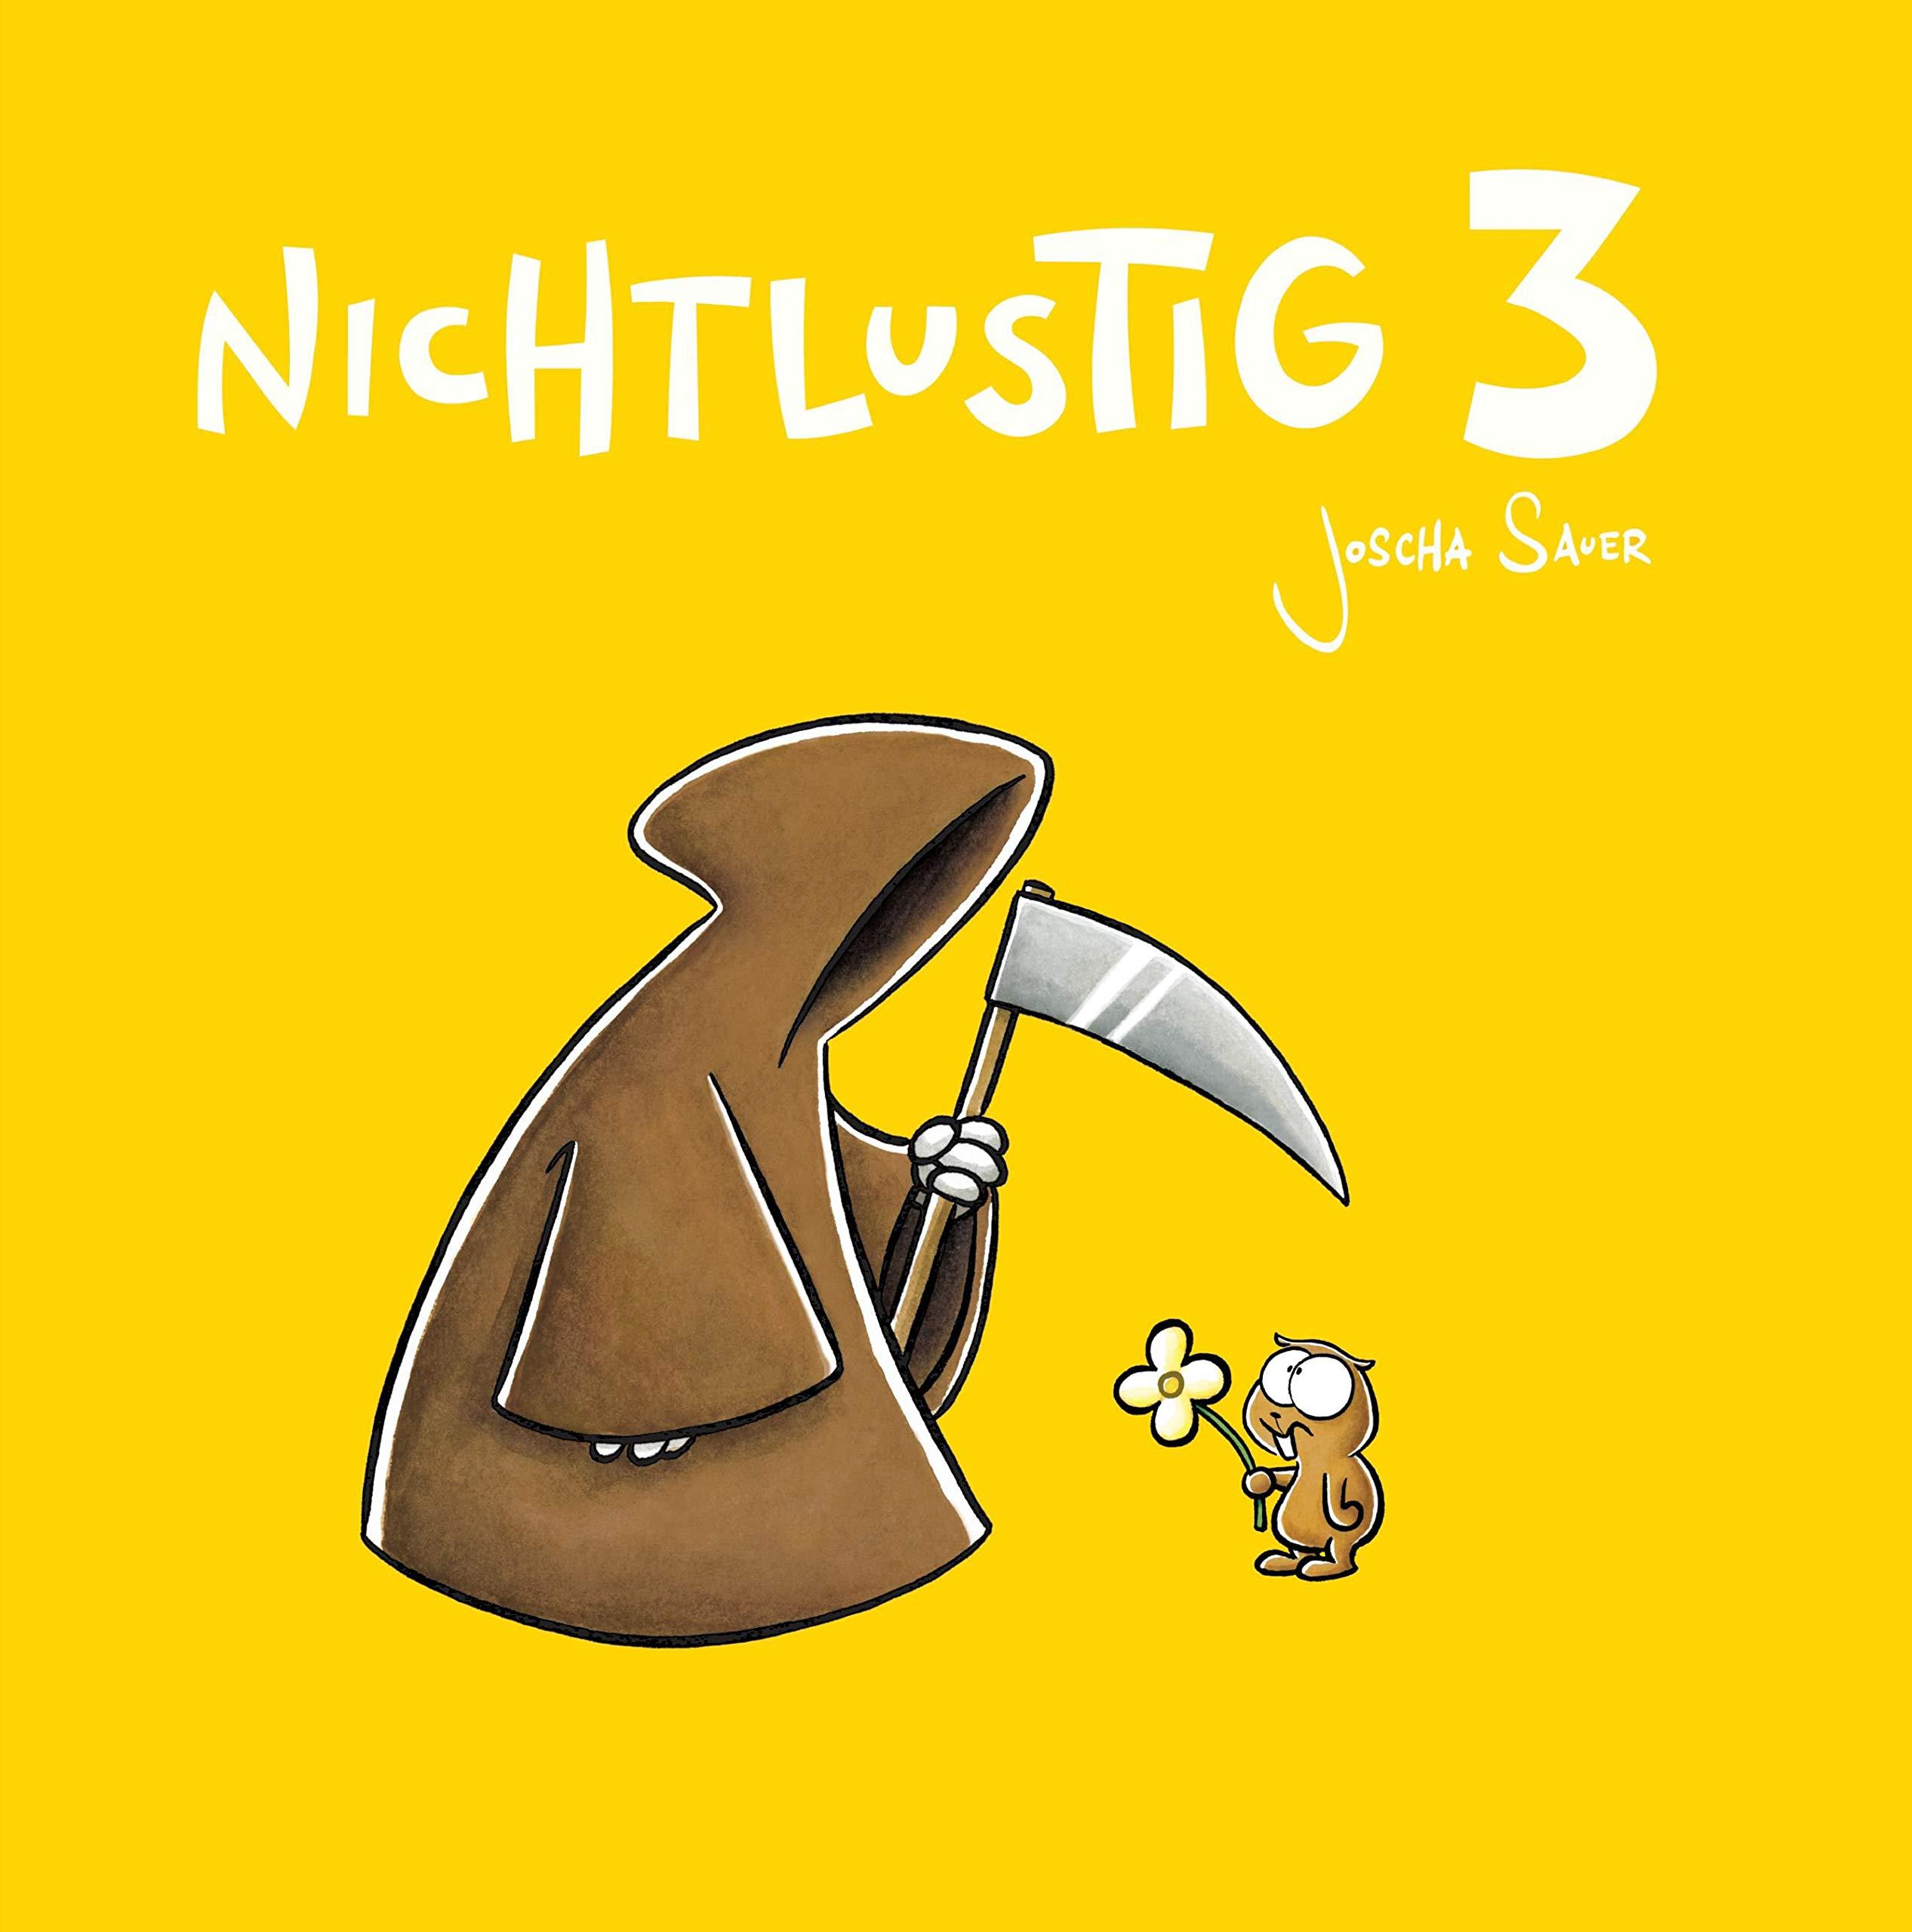 Nichtlustig 3